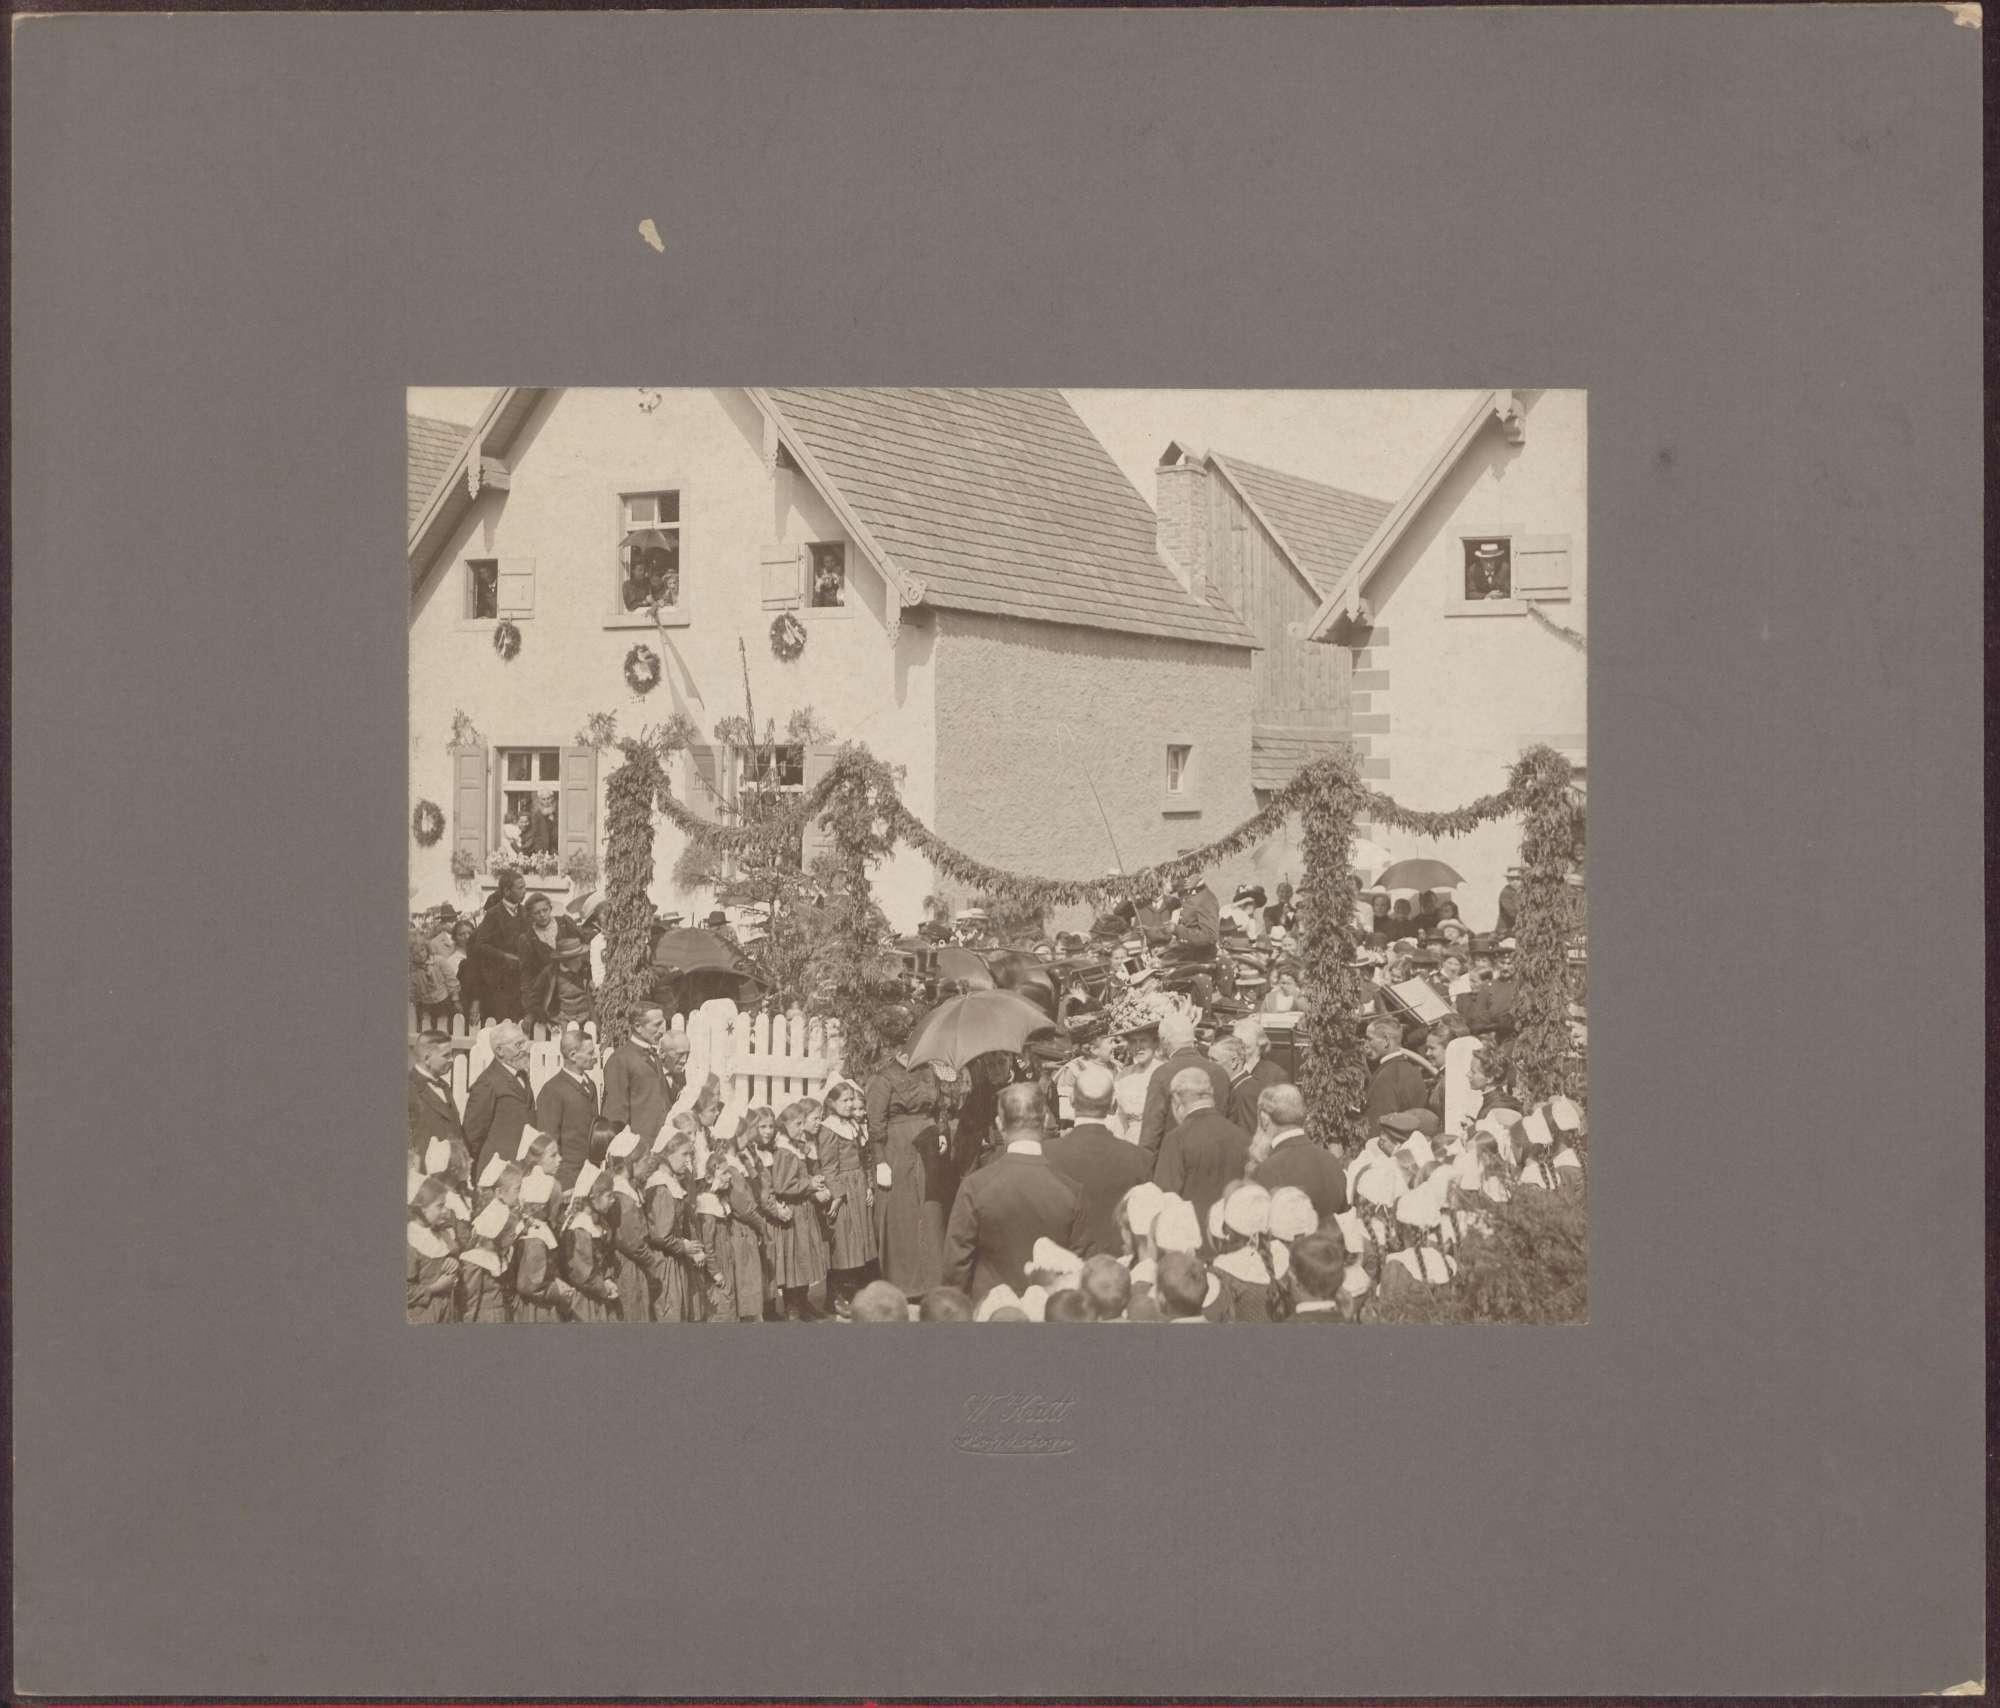 Großherzoginnen Luise und Hilda in Menschenmenge., Bild 1